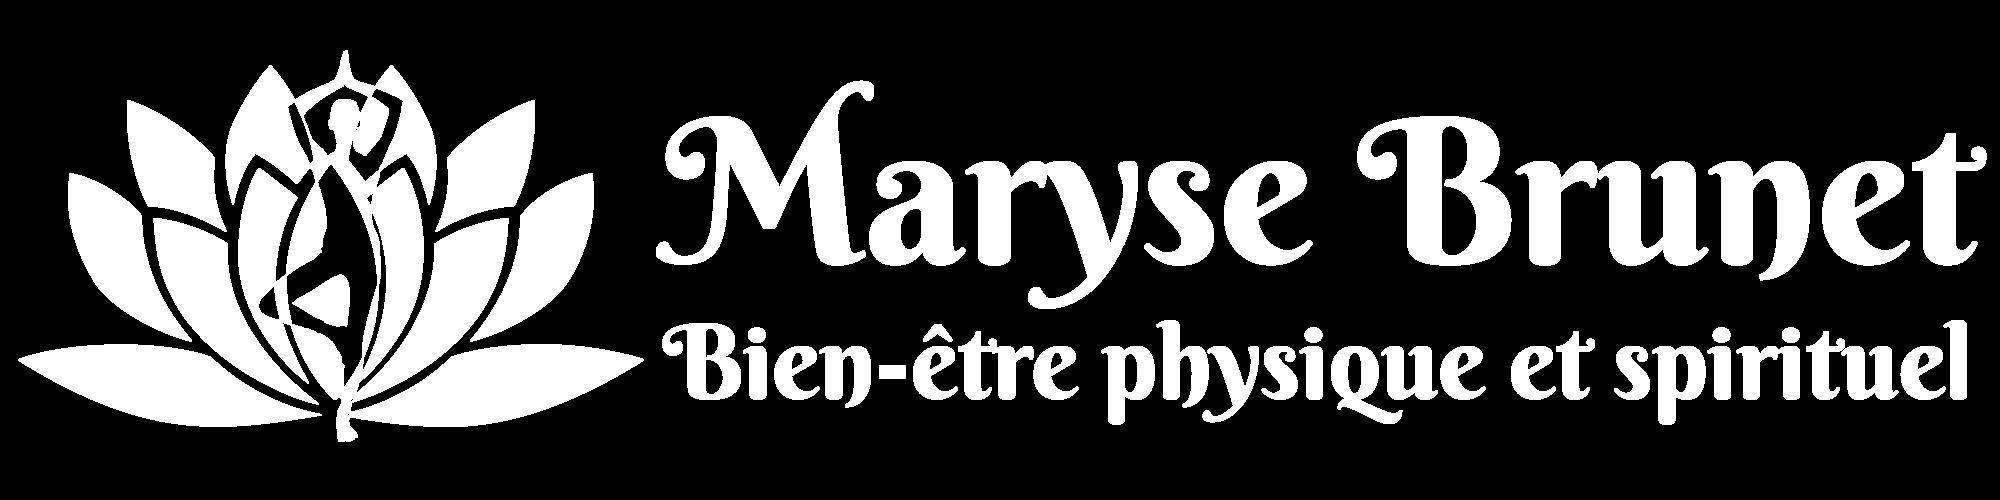 Maryse Brunet